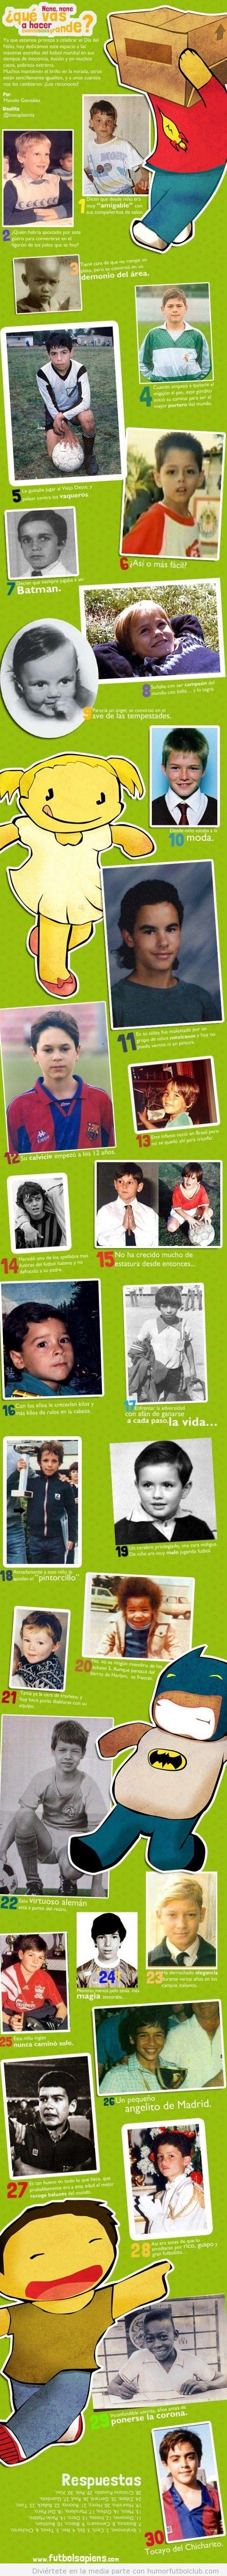 Jugadores de fútbol famosos cuando eran pequeños